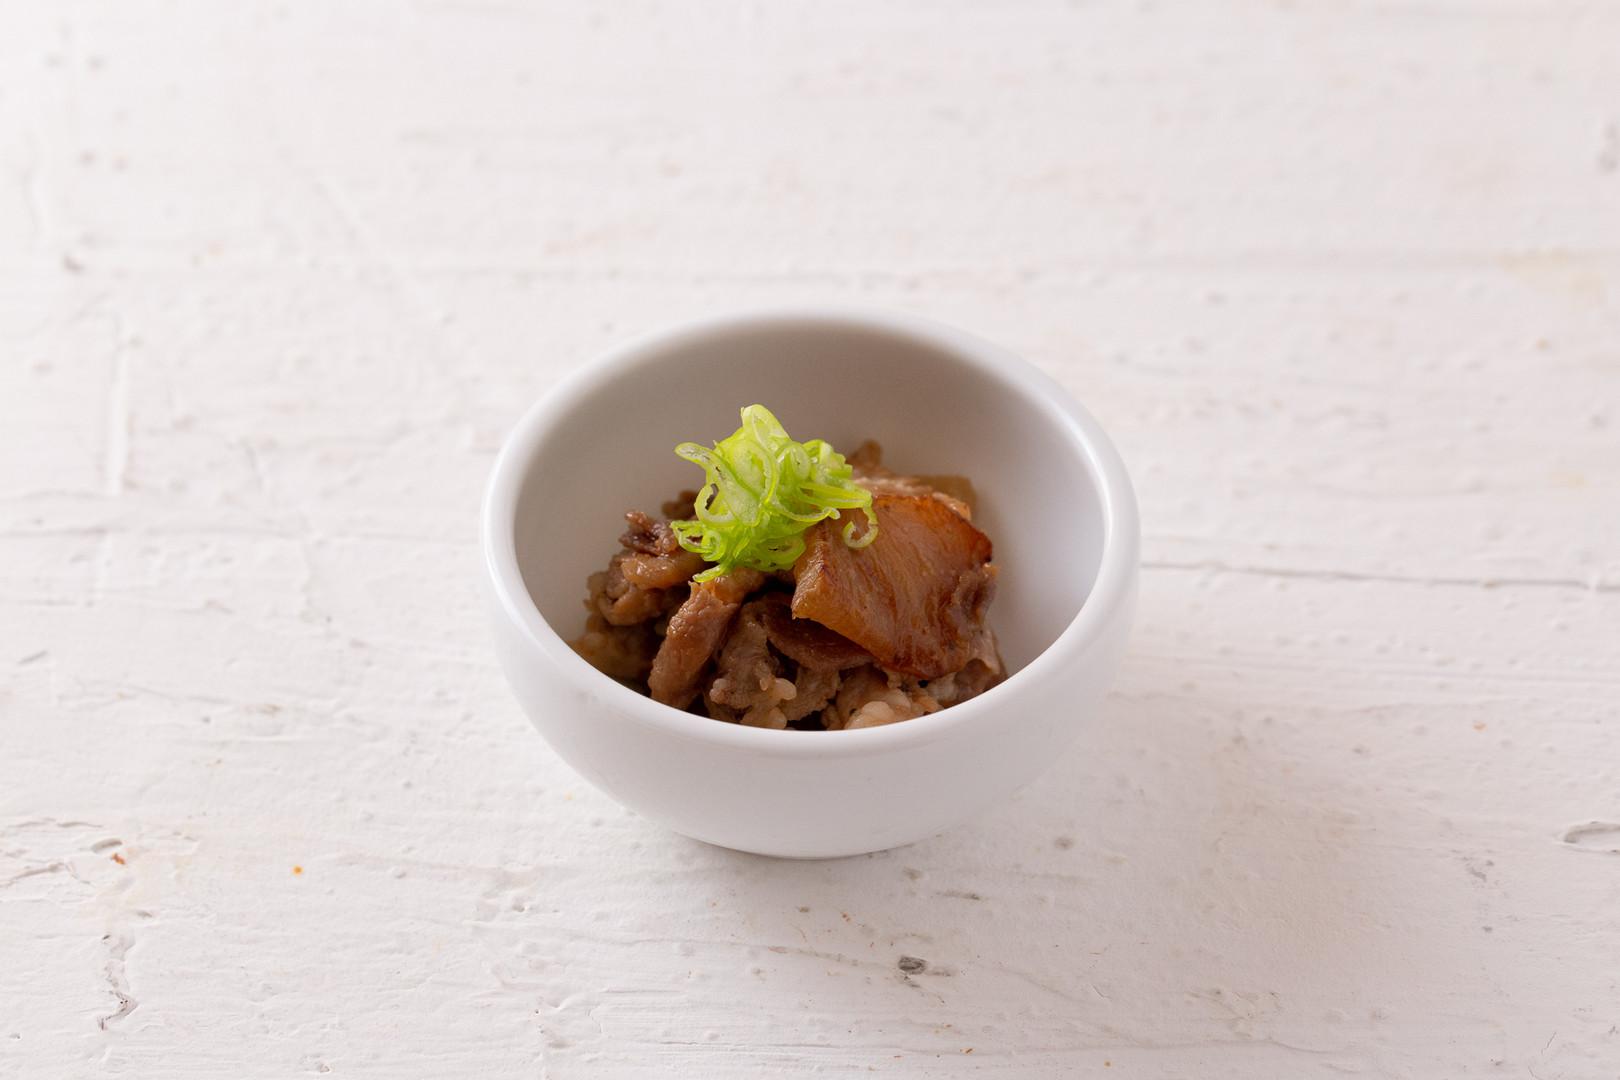 大根と豚肉の柚子胡椒炒め.jpg